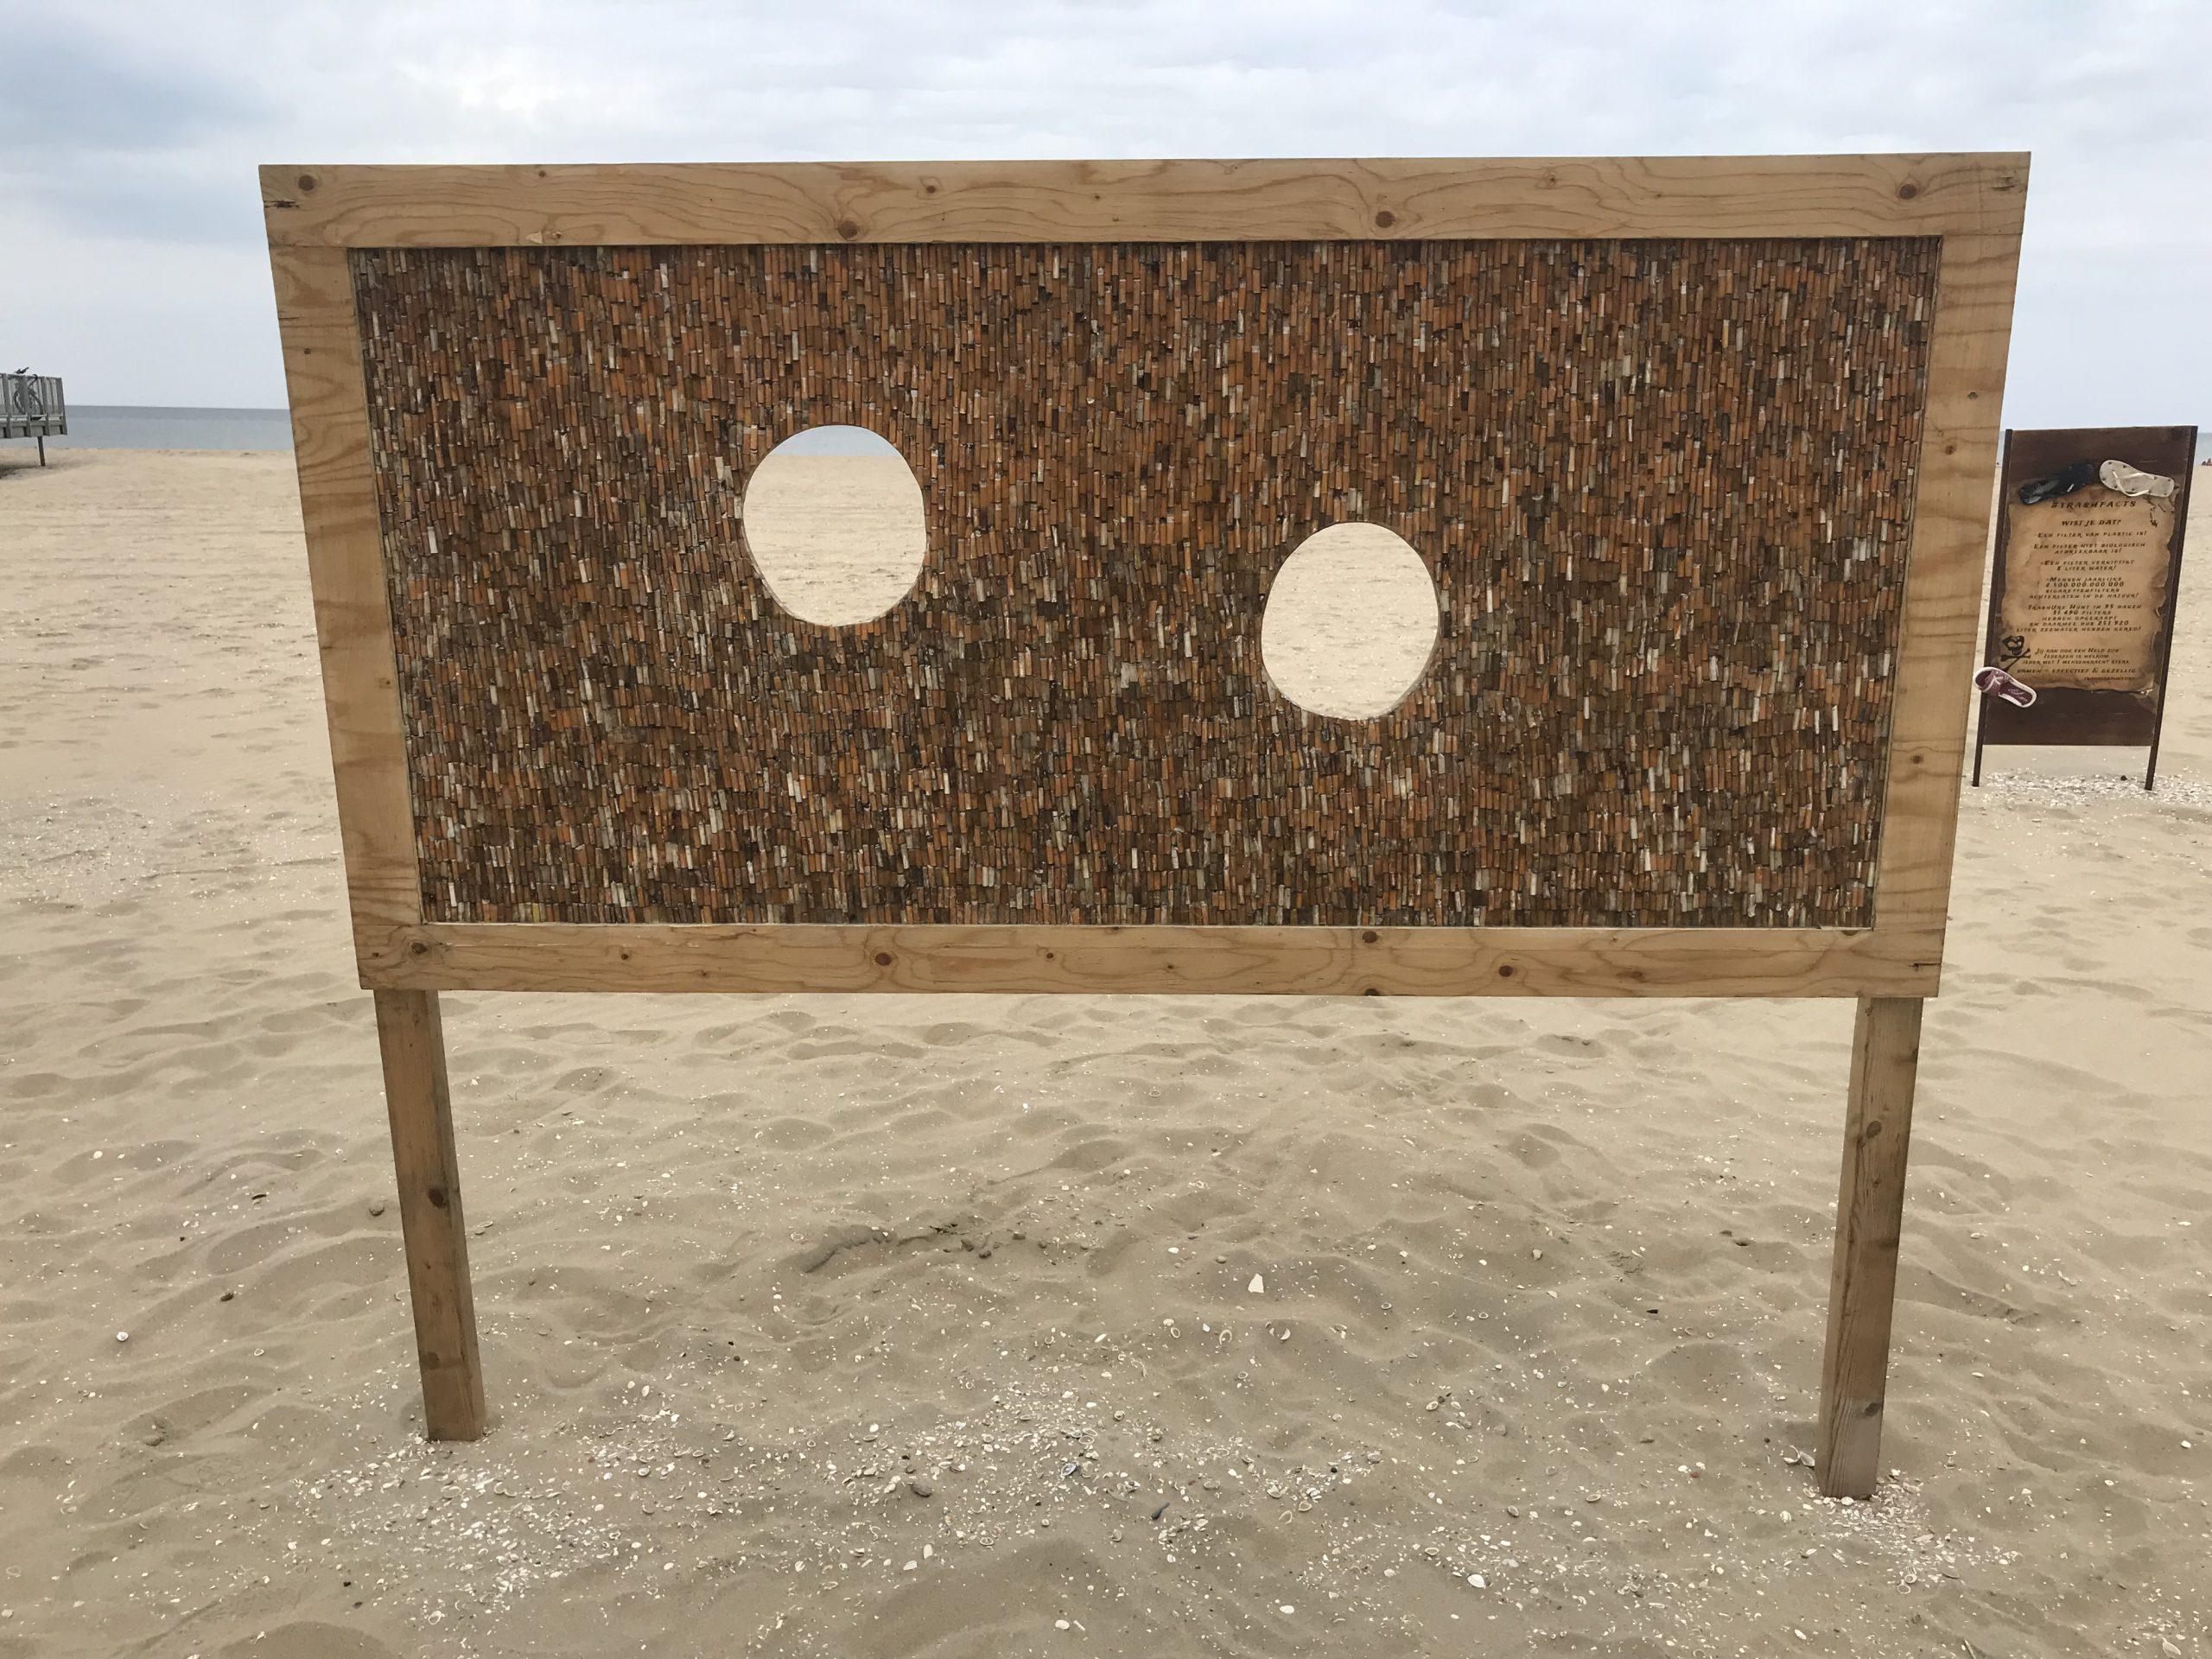 kunstwerk van peuken op het strand